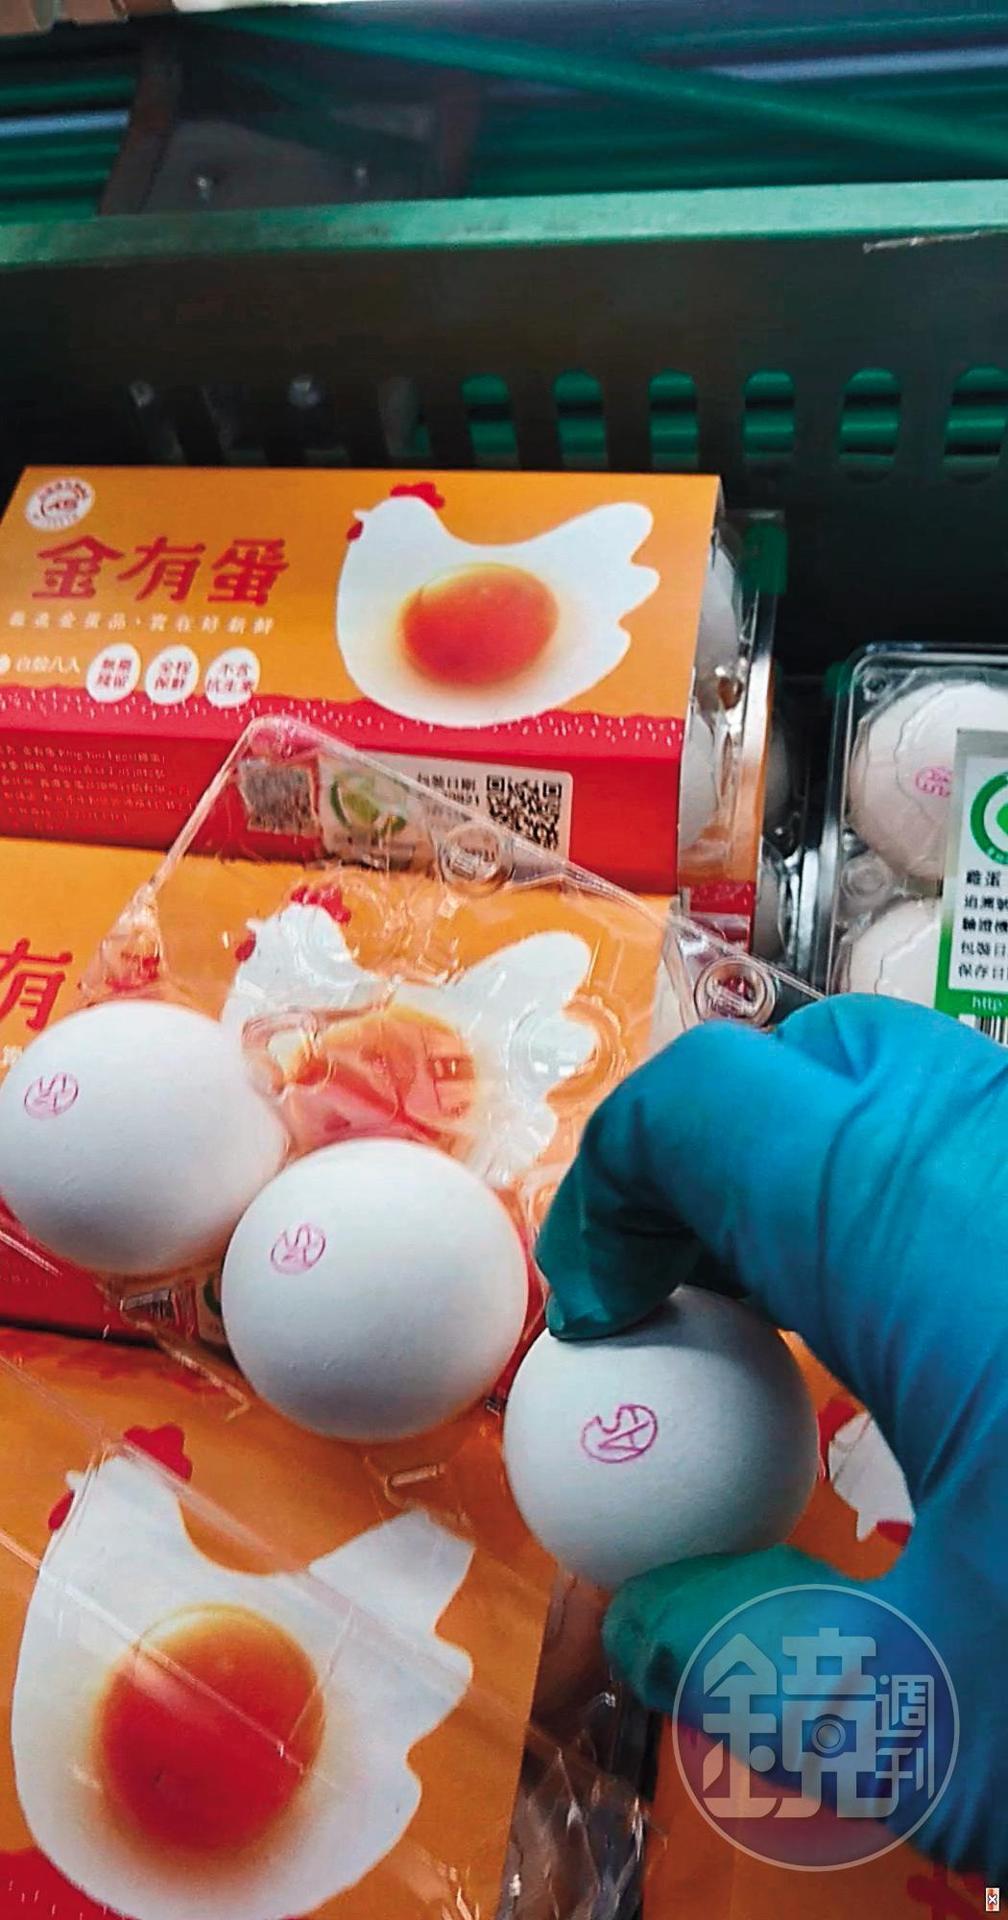 拆封即期品:員工拍下各地回收盒裝即期蛋品被拆封檢視。